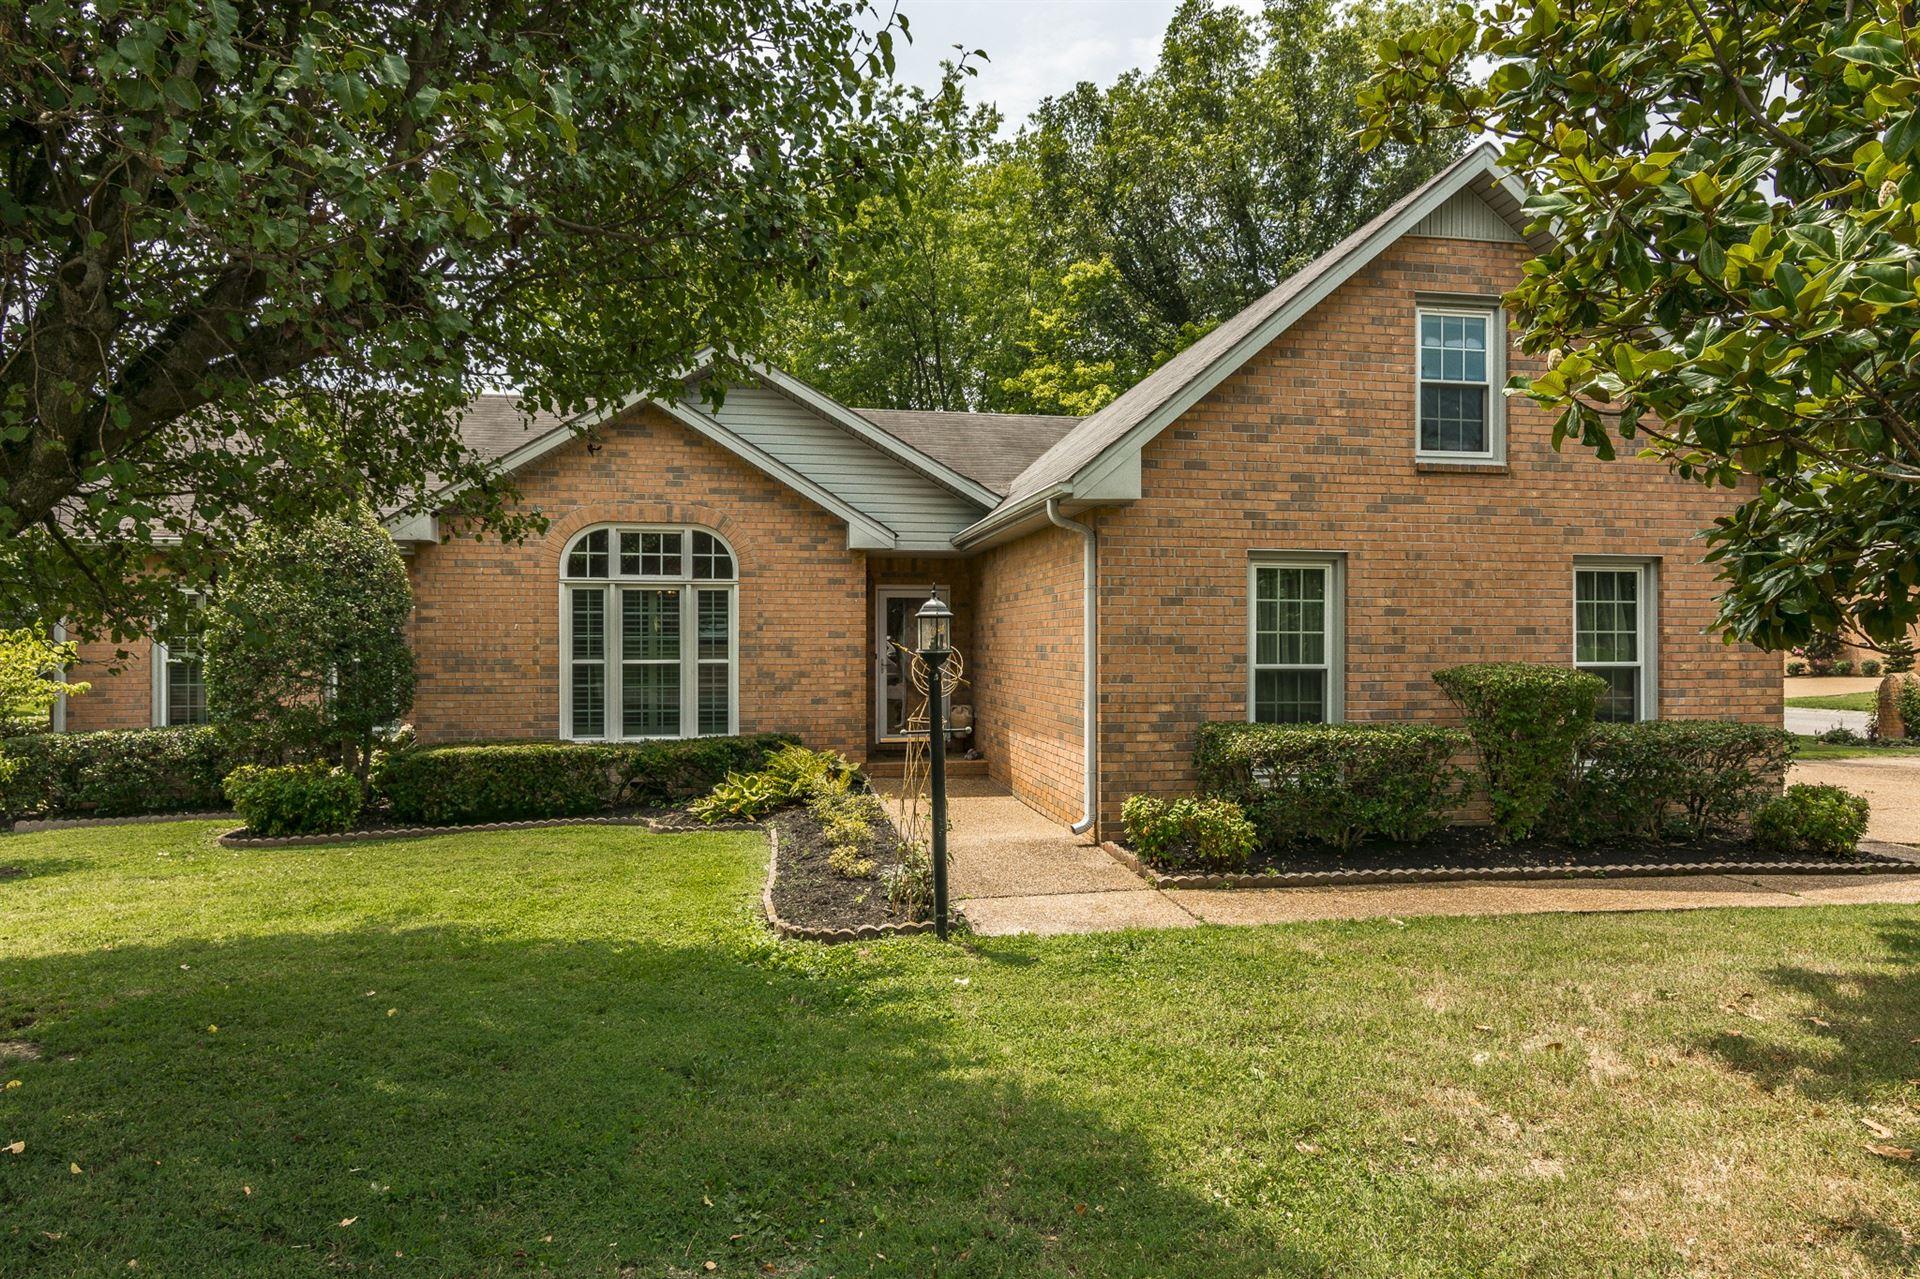 202 Cross Creek Ln, Hendersonville, TN 37075 - MLS#: 2278920